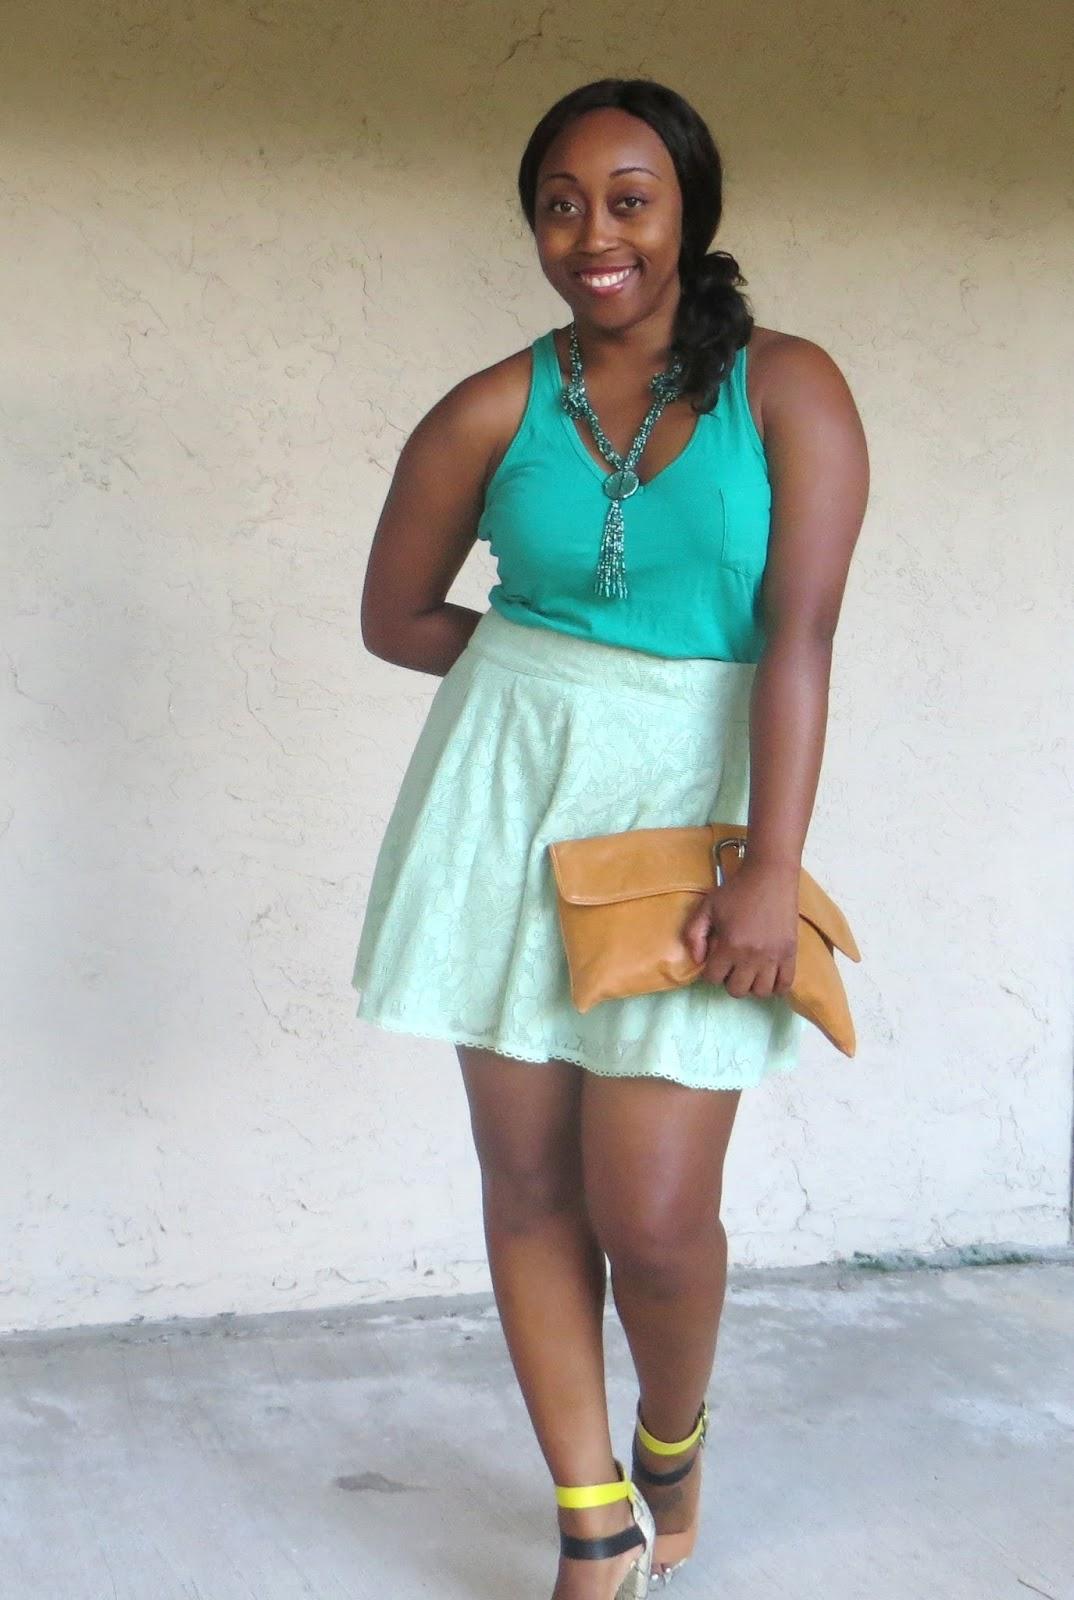 Naked ebony black woman miniskirt